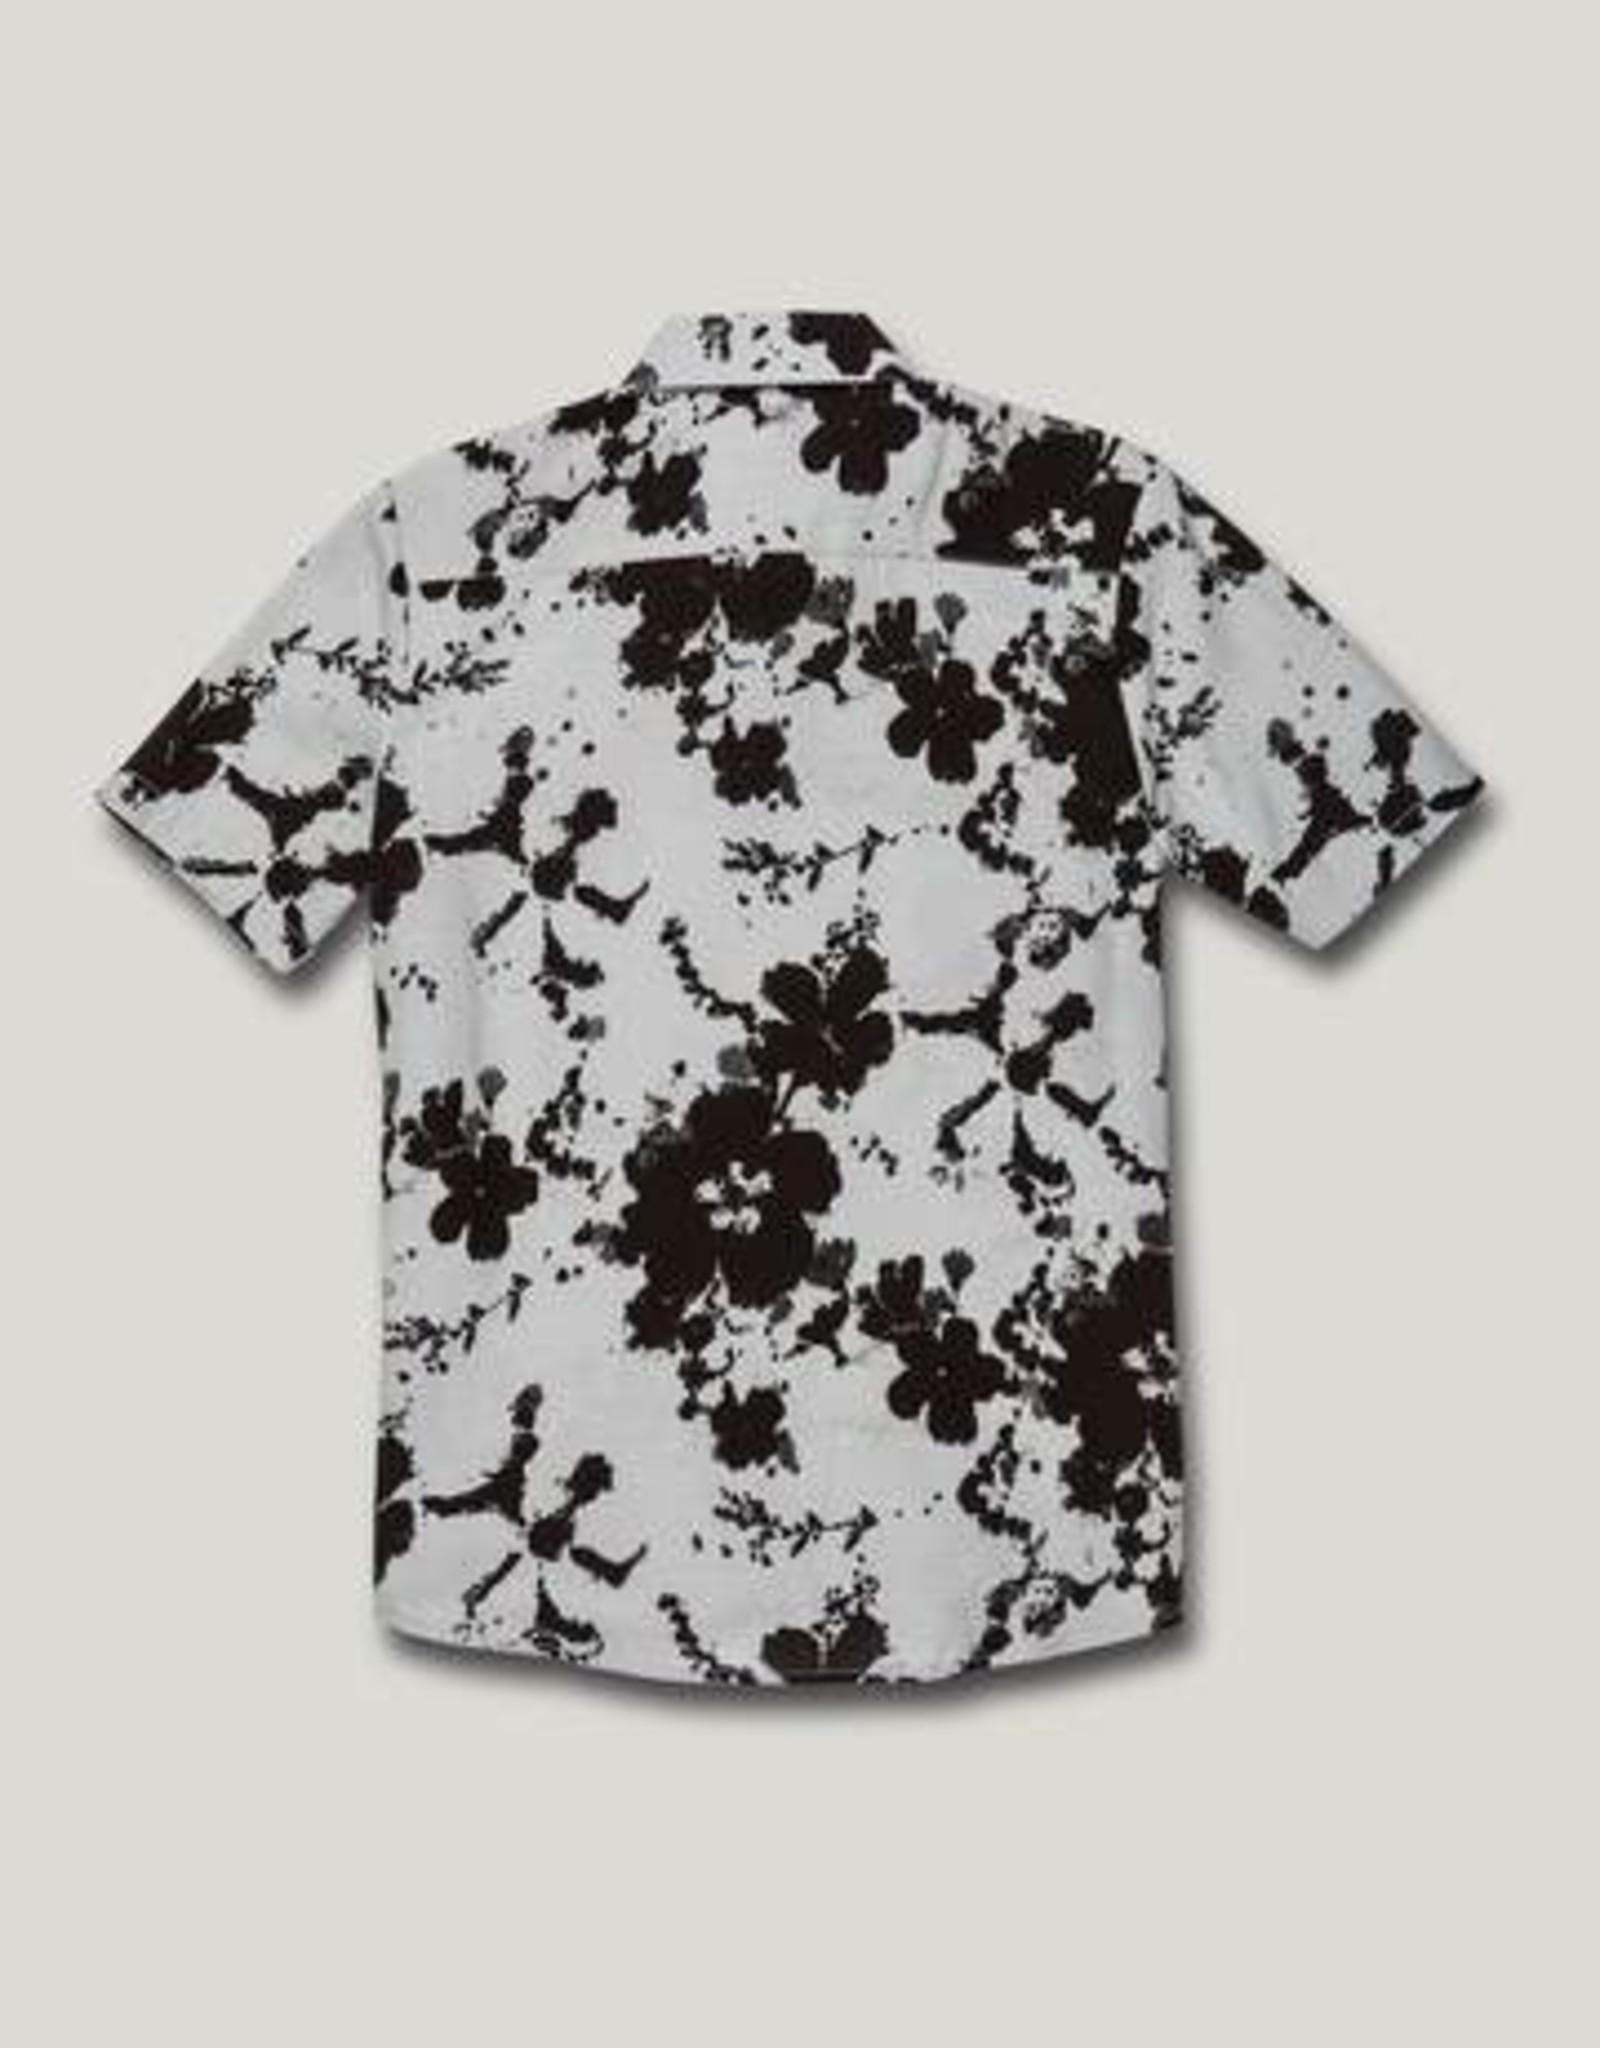 Volcom Volcom SP21 B Burres Shirt